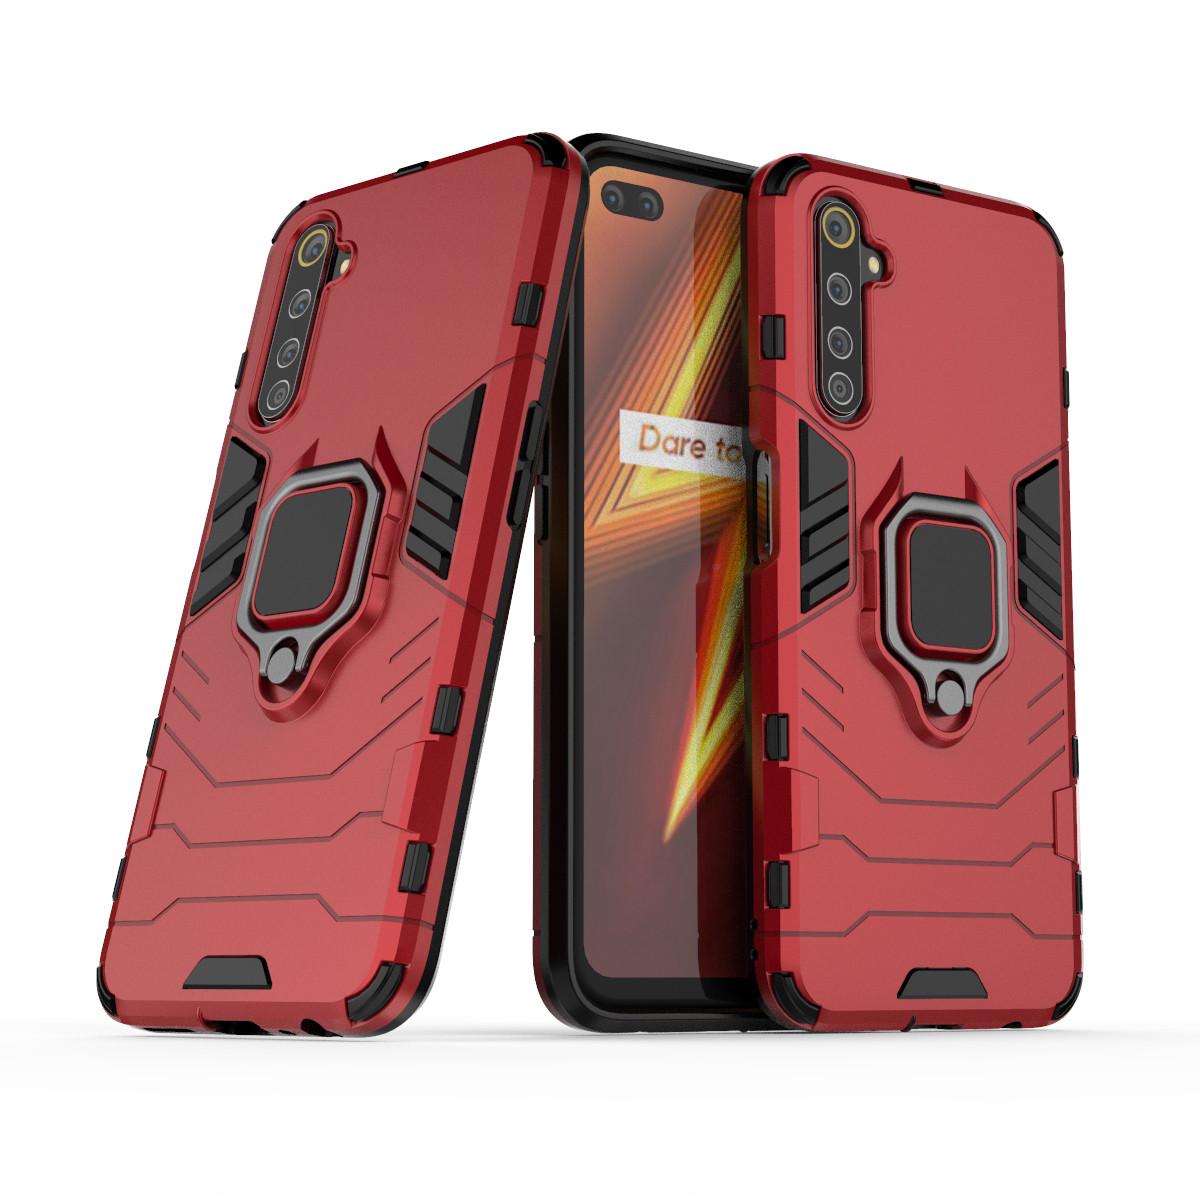 Чохол Ring case для Realme 6 Pro броньований бампер з кільцем червоний